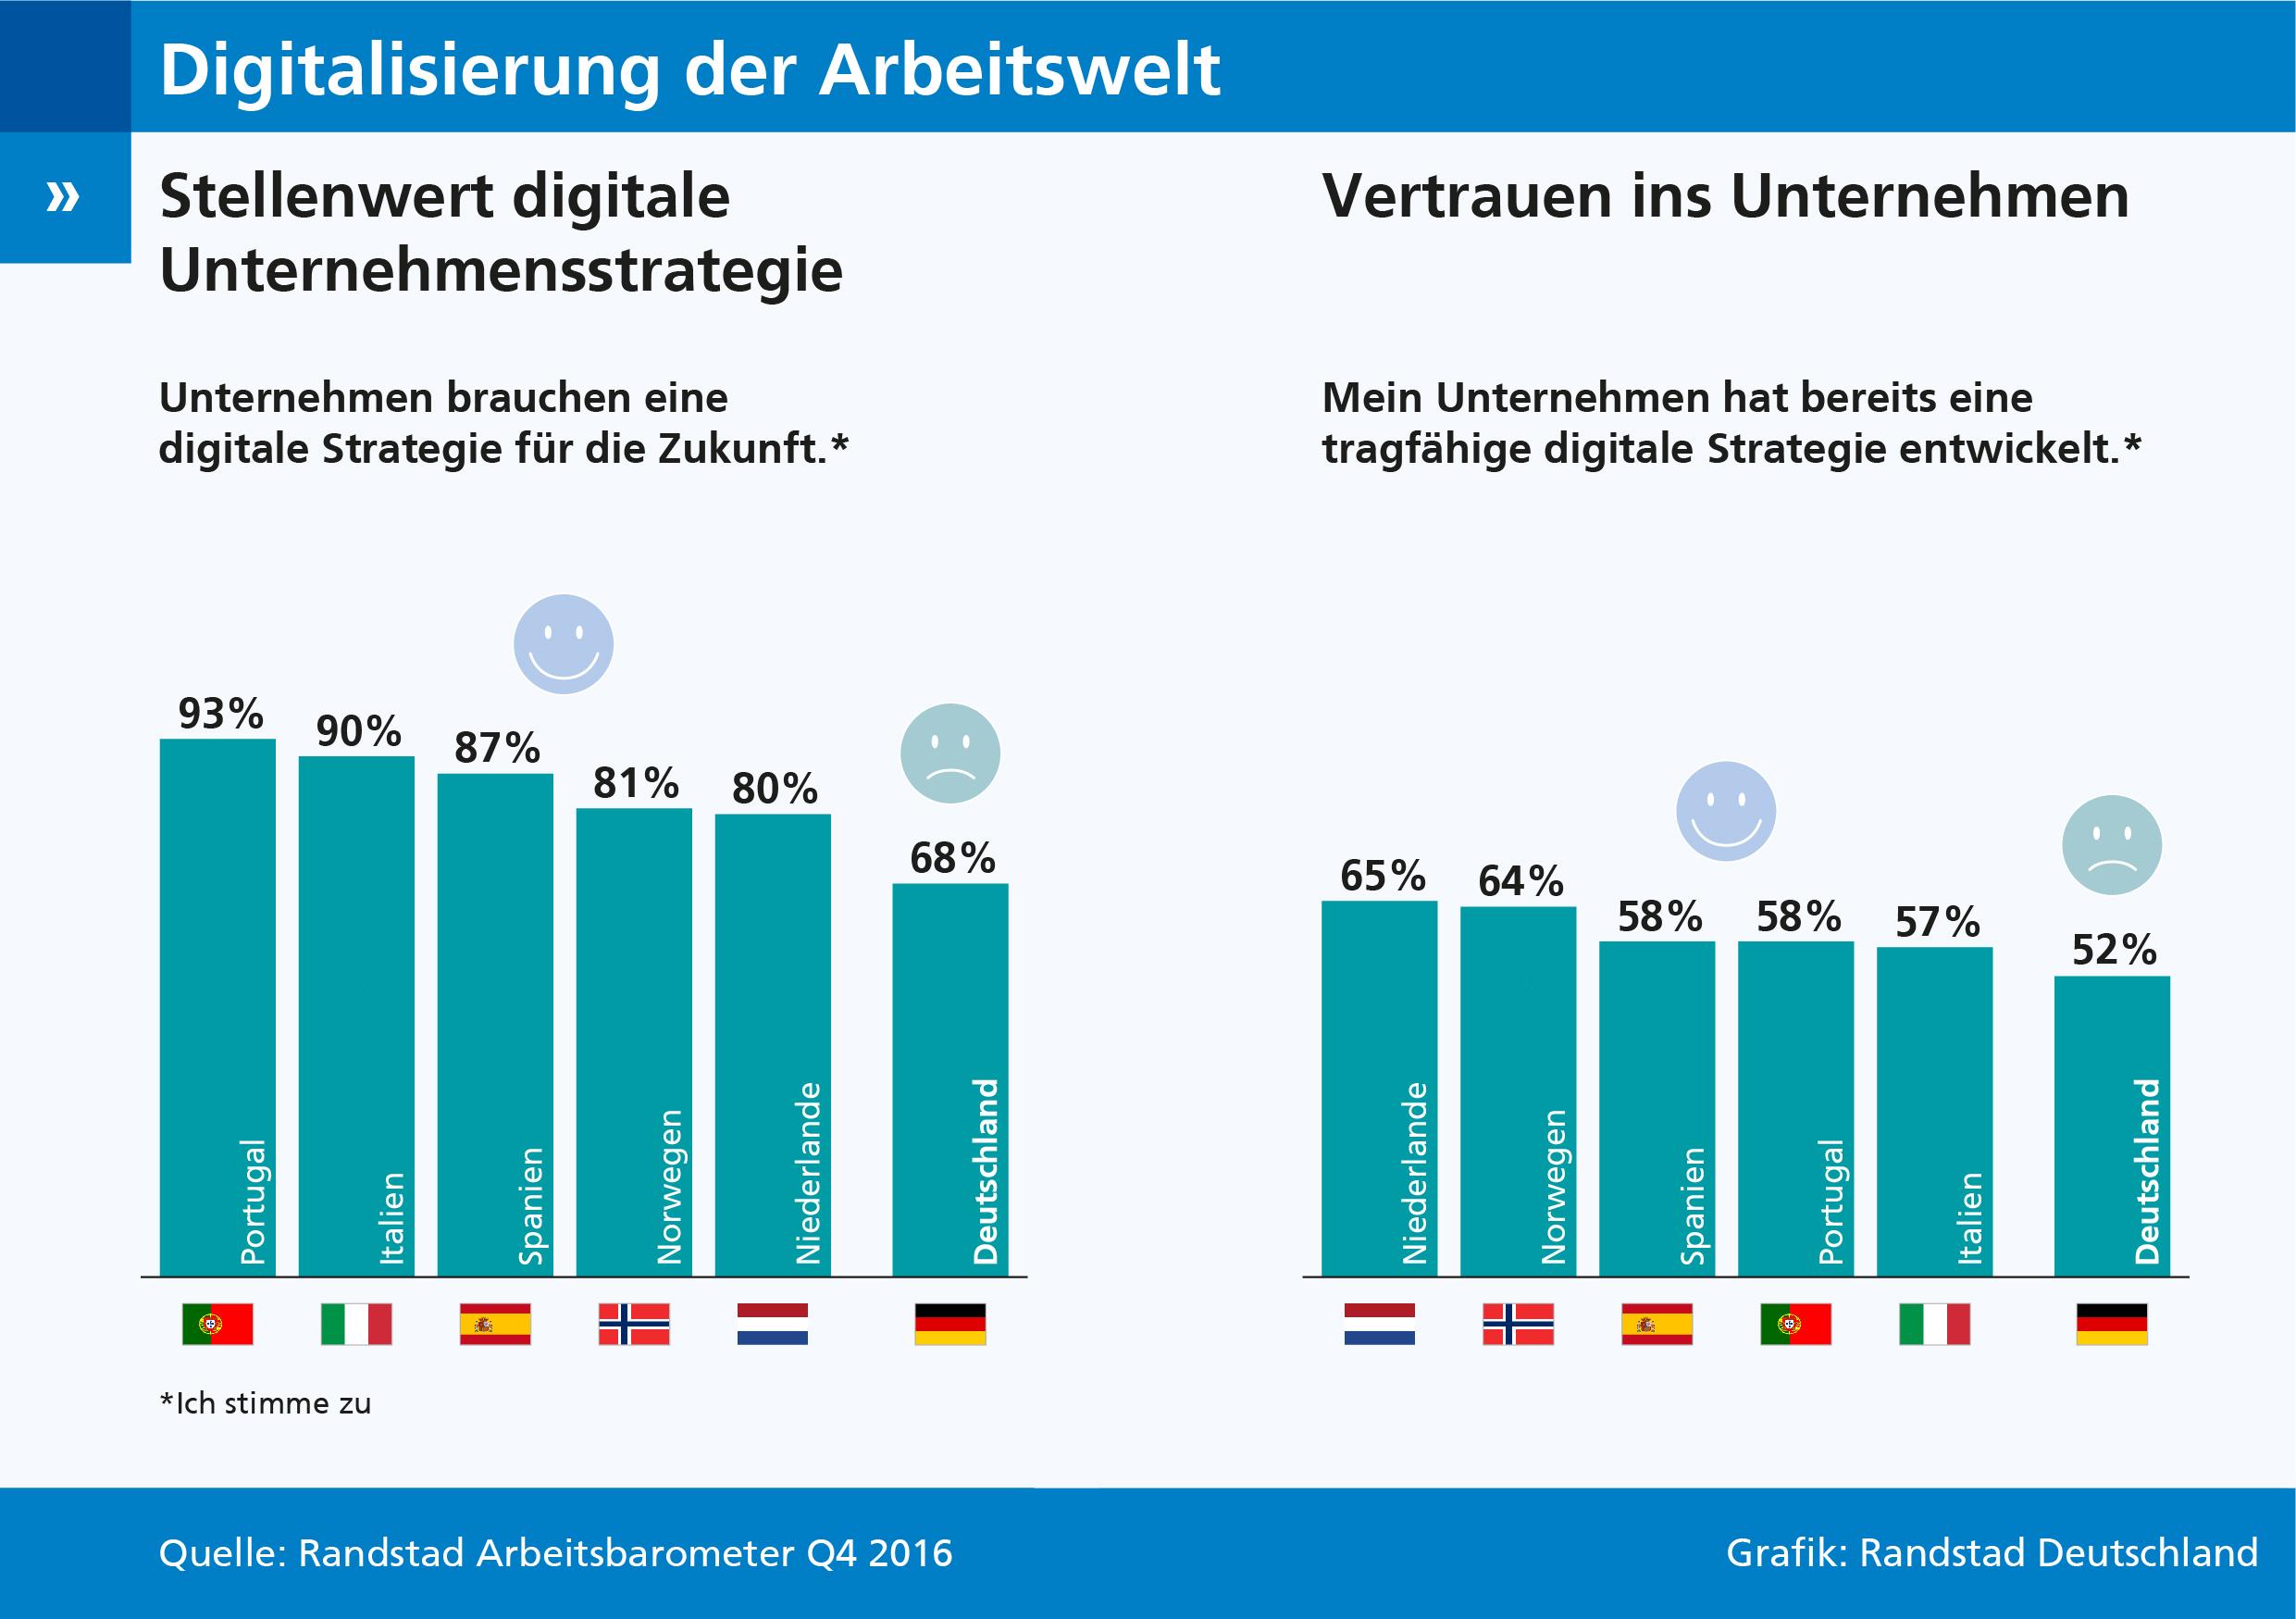 Digitalisierung: Unternehmen in Deutschland verlieren Wettbewerbsanschluss